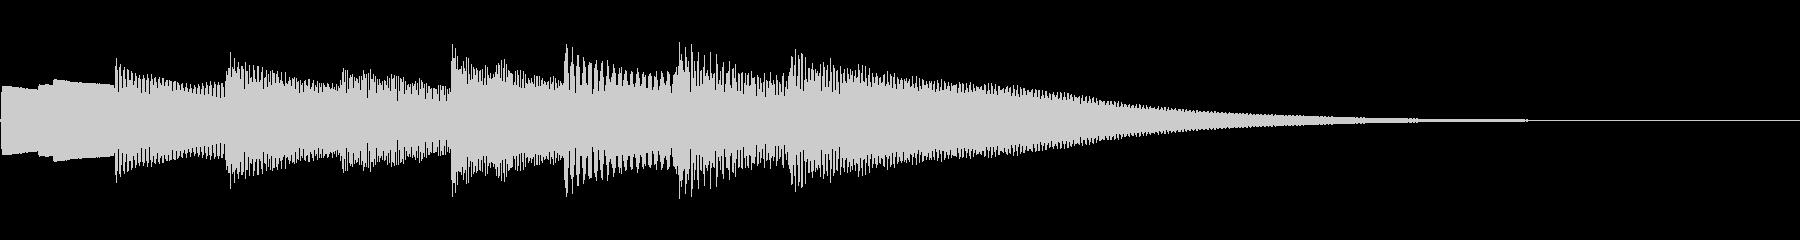 可愛いベルの音。きららラリラリ。下降系。の未再生の波形